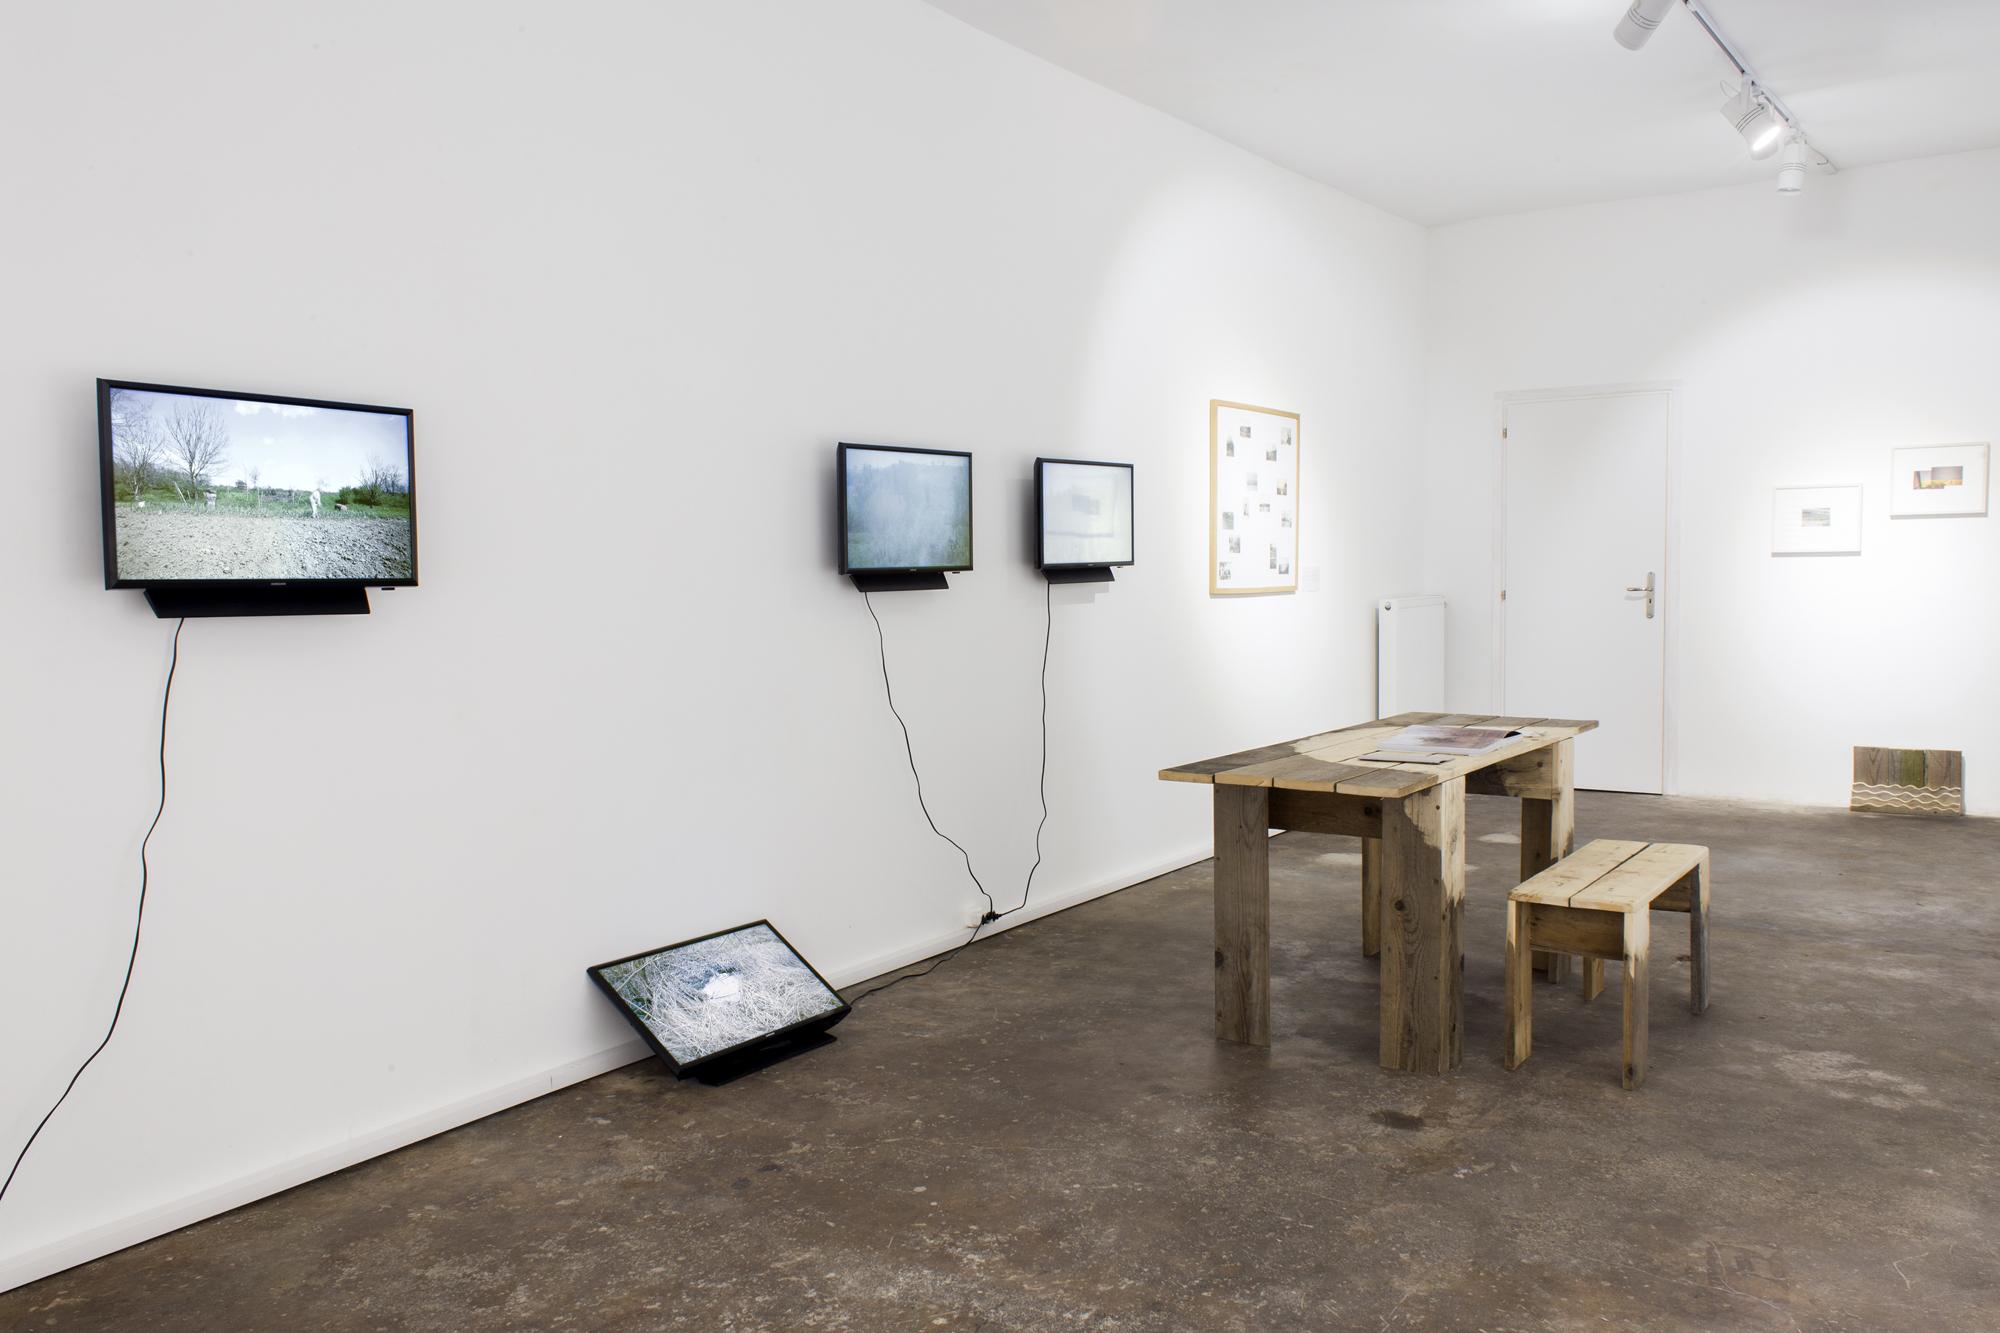 Kert_részlet a kiállításból3_2018